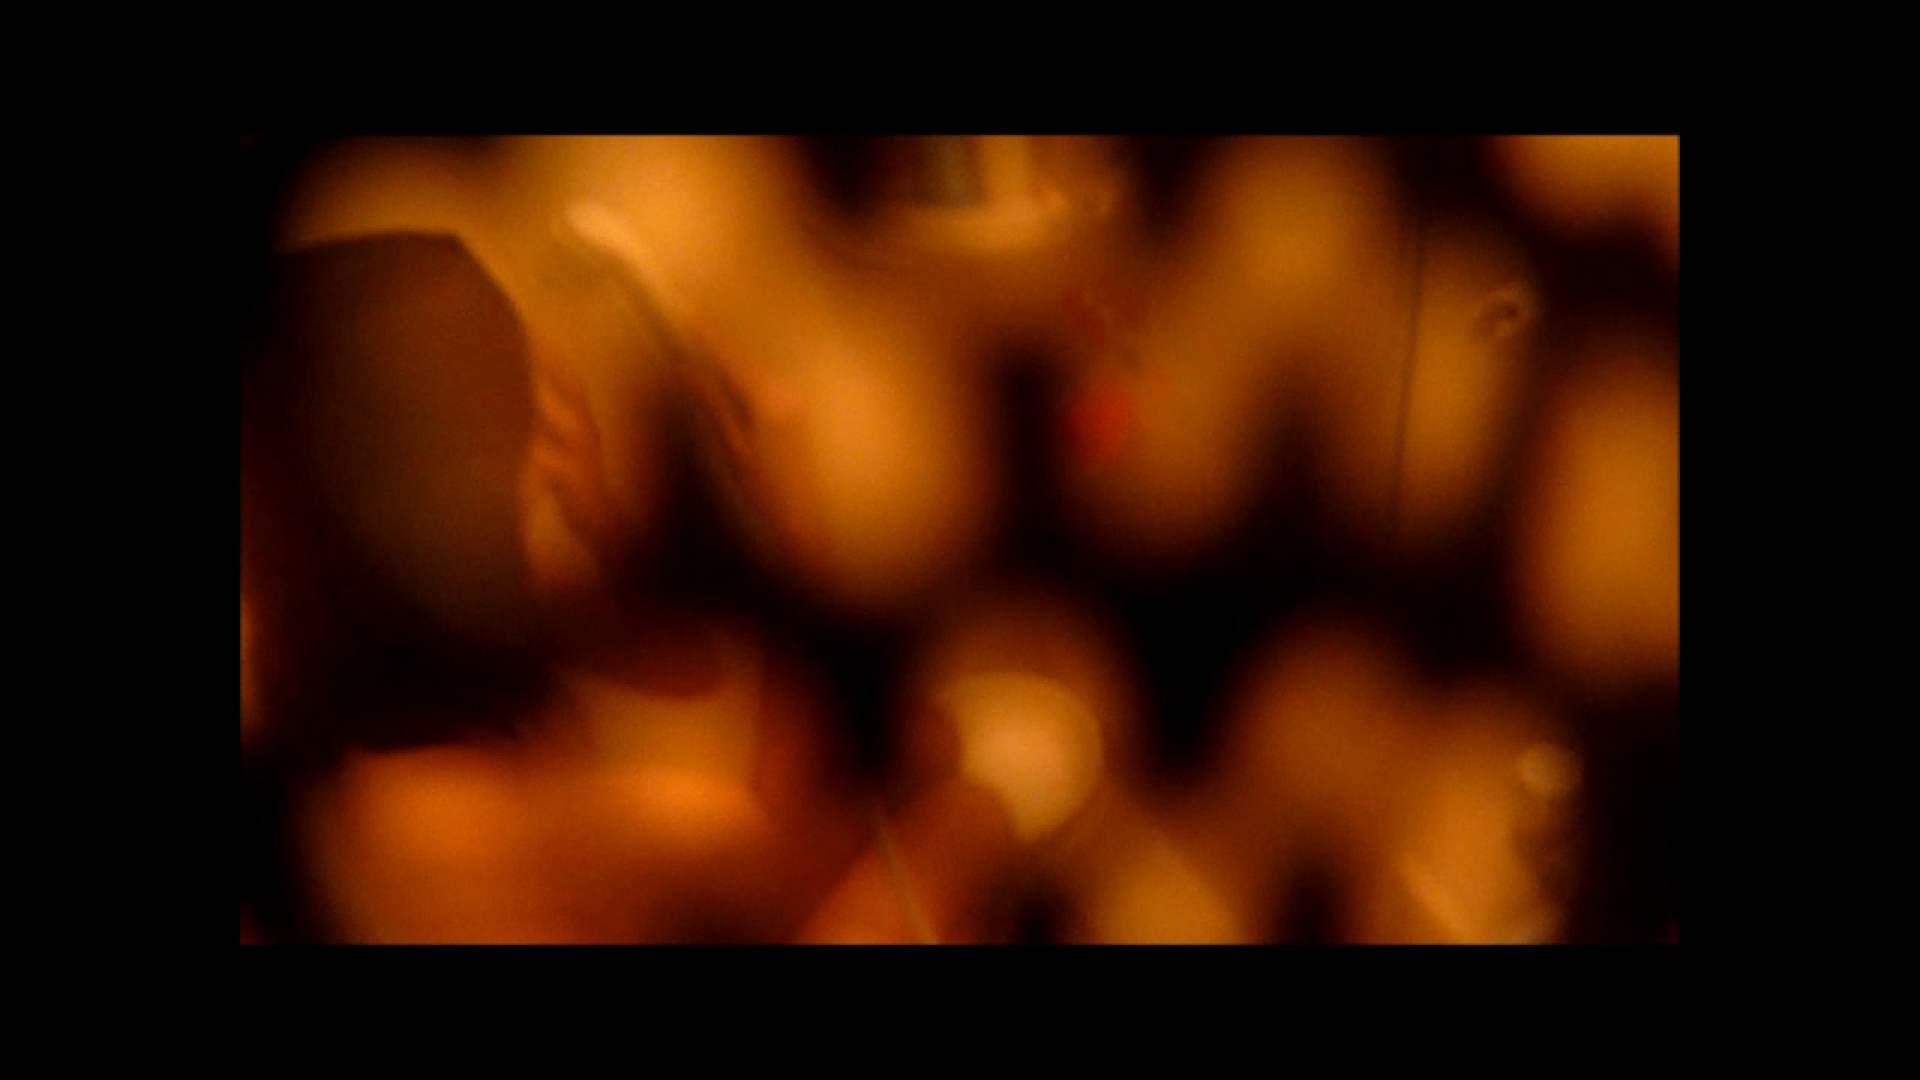 【02】ベランダに侵入して張り込みを始めて・・・やっと結果が出ました。 家宅侵入 | 0  82画像 55